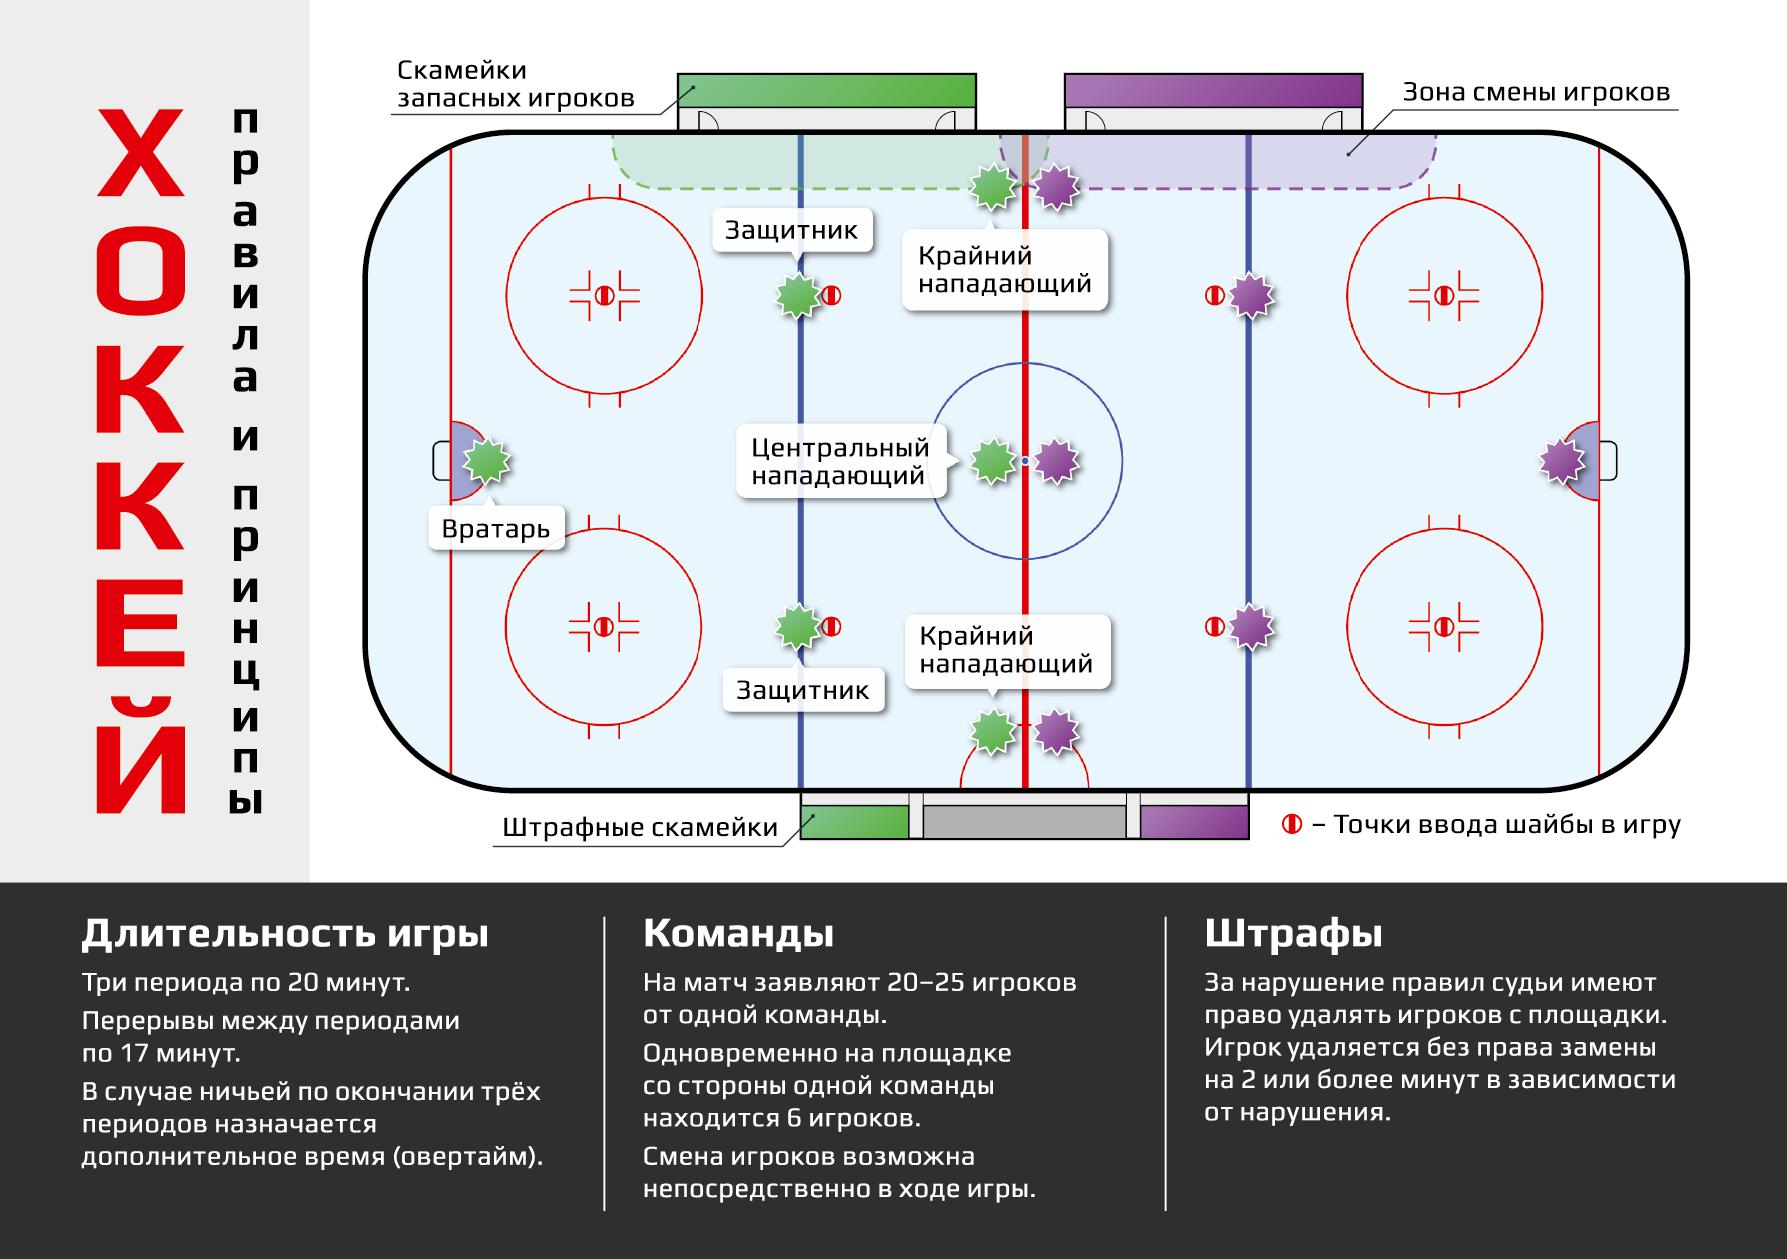 Дизайн информационной листовки с принципами игры в хоккей.